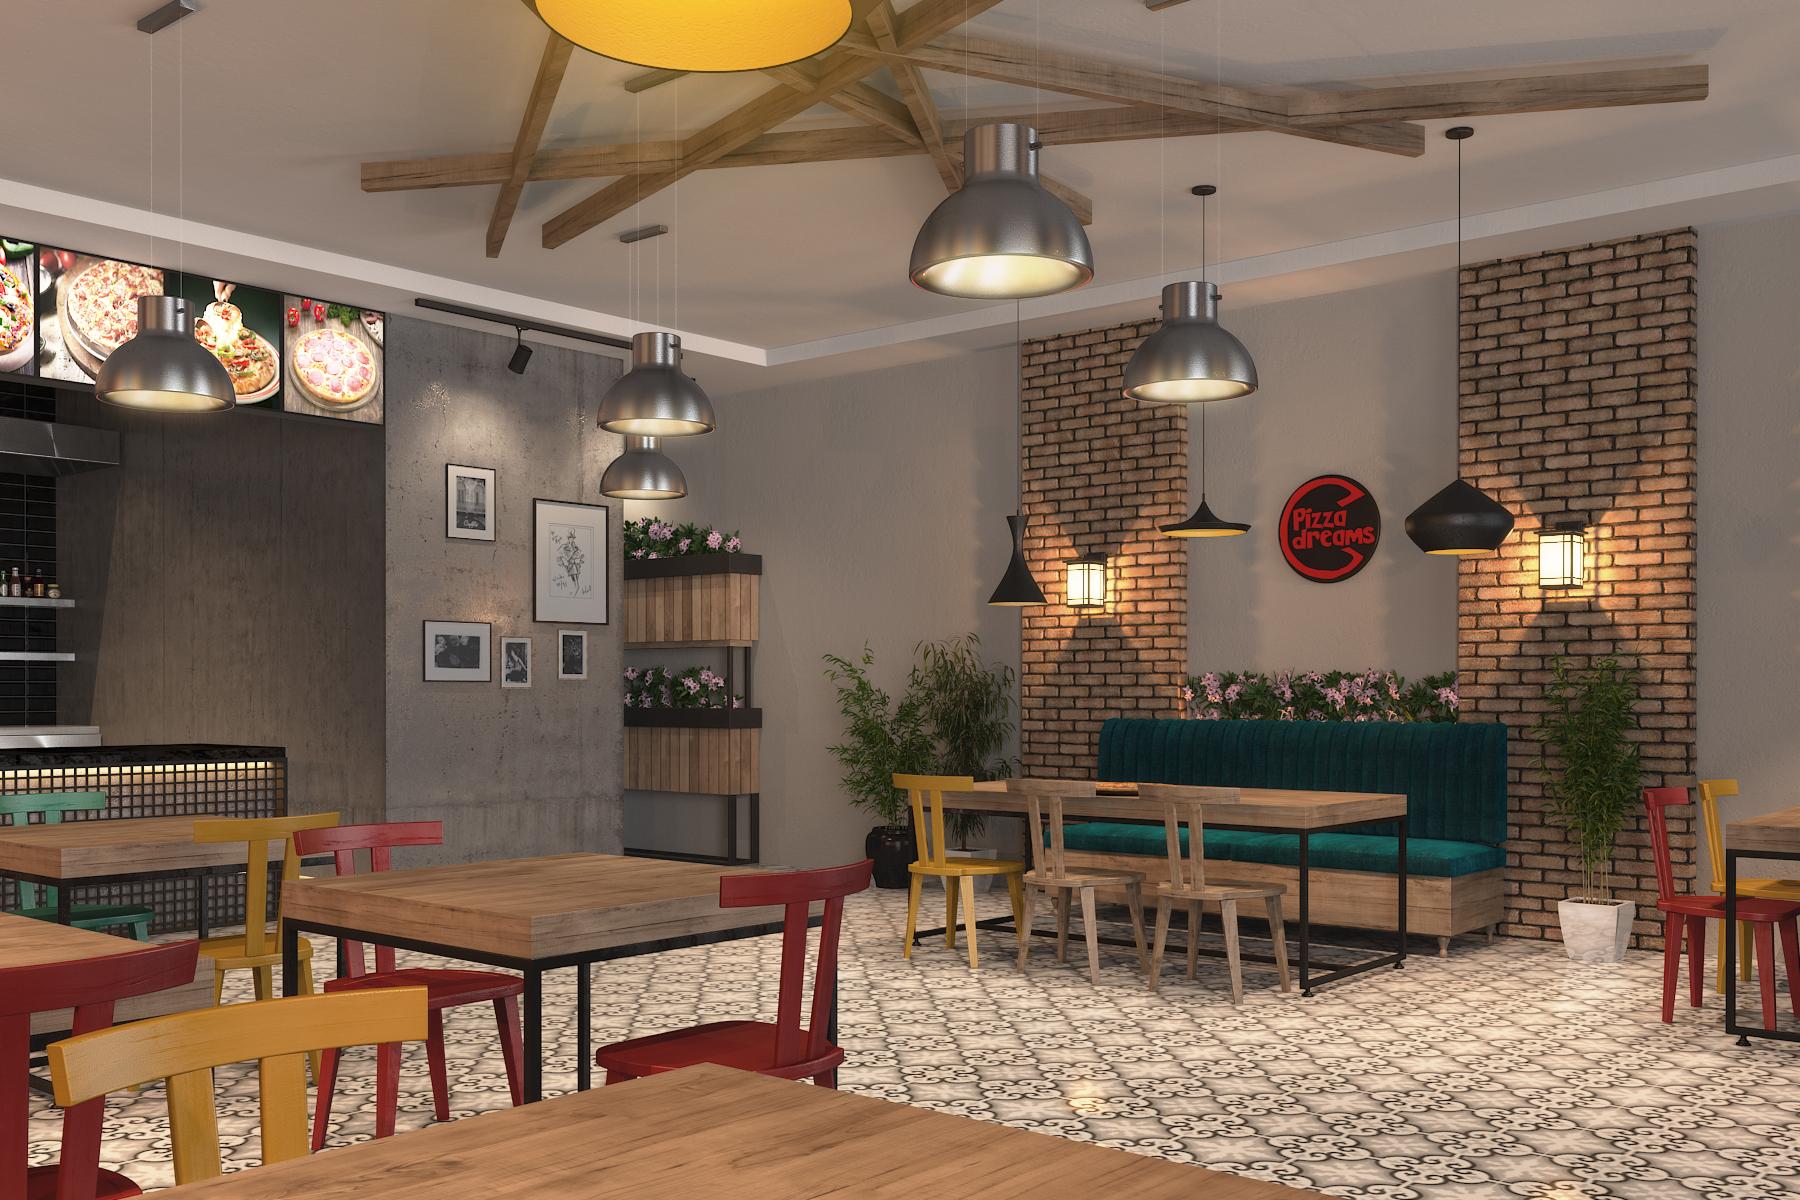 3D Render of Pizza Dreams Restaurant concept